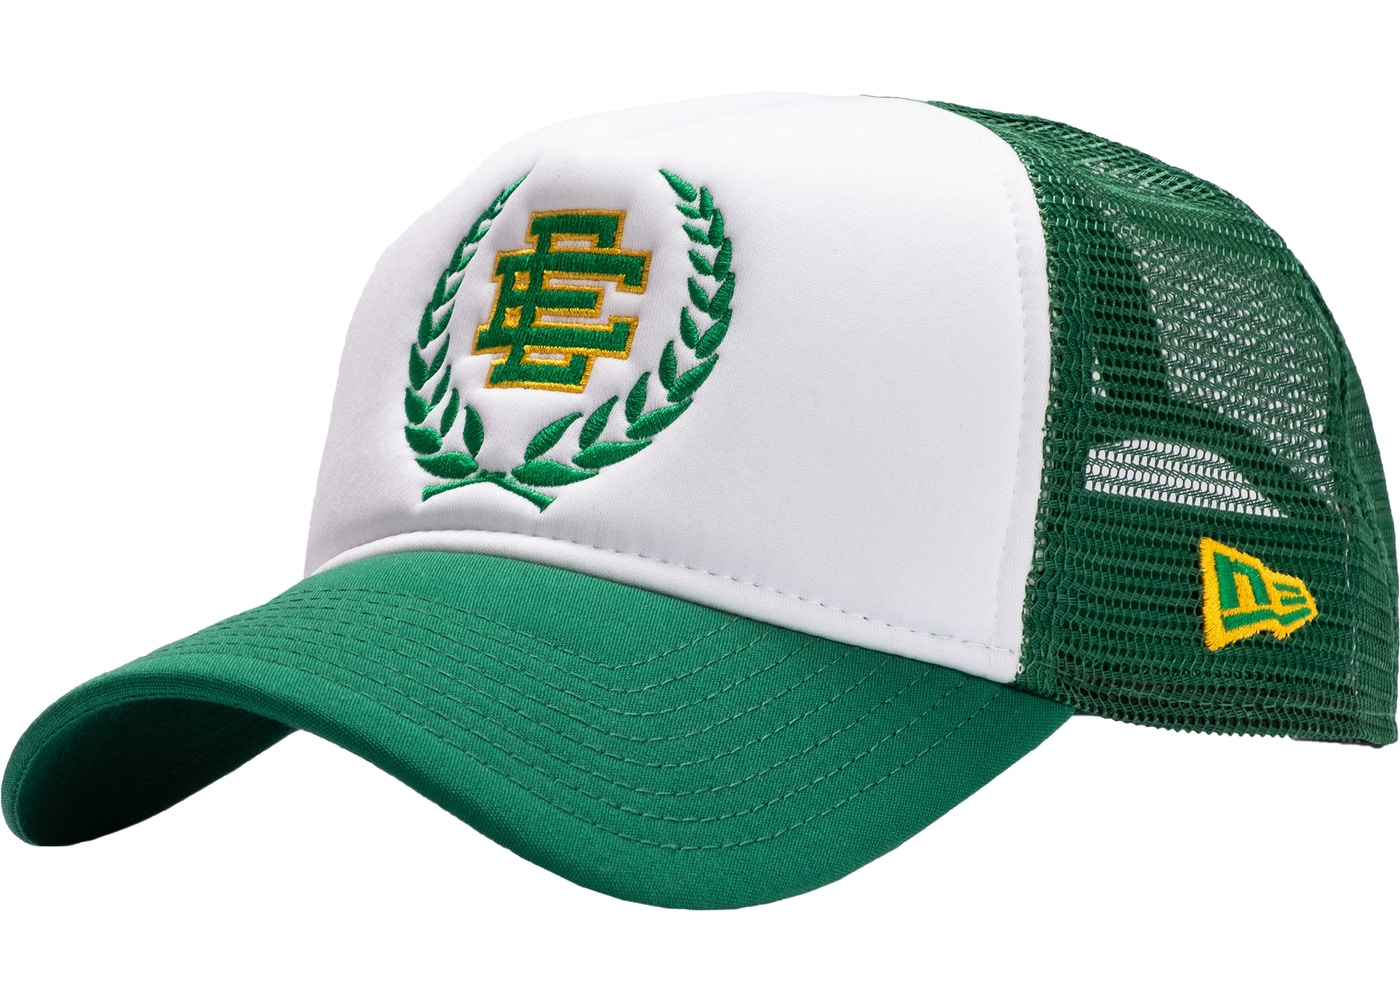 7f122226121 Eric Emanuel EE Trucker Hat Green - SS19